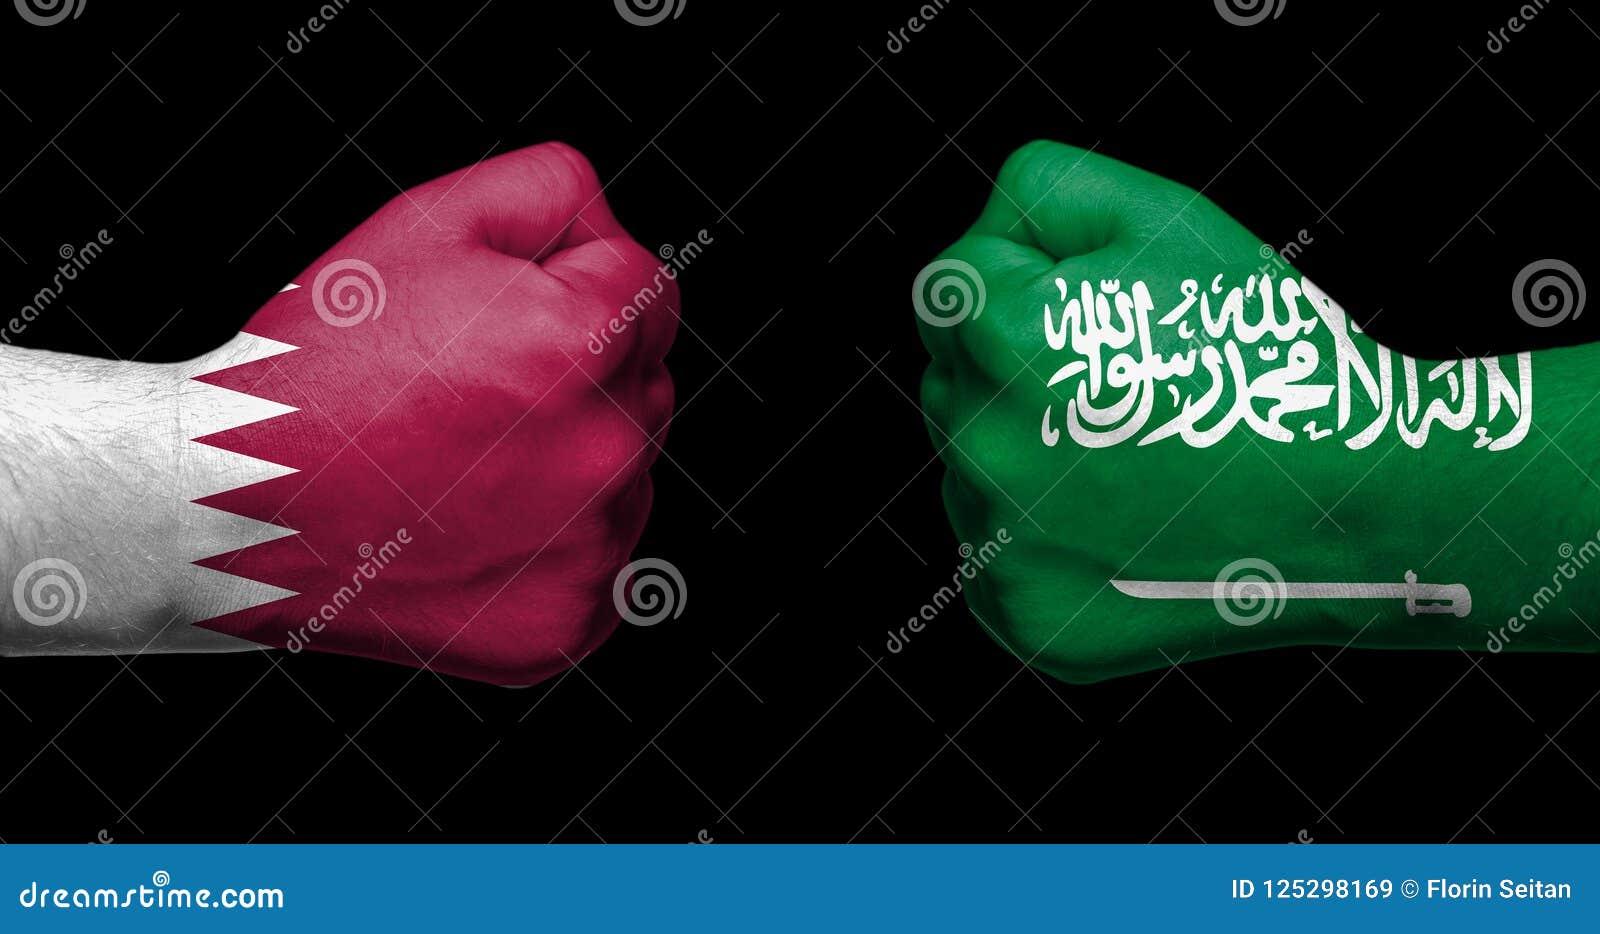 Banderas de Qatar y de United Arab Emirates pintados en dos apretados